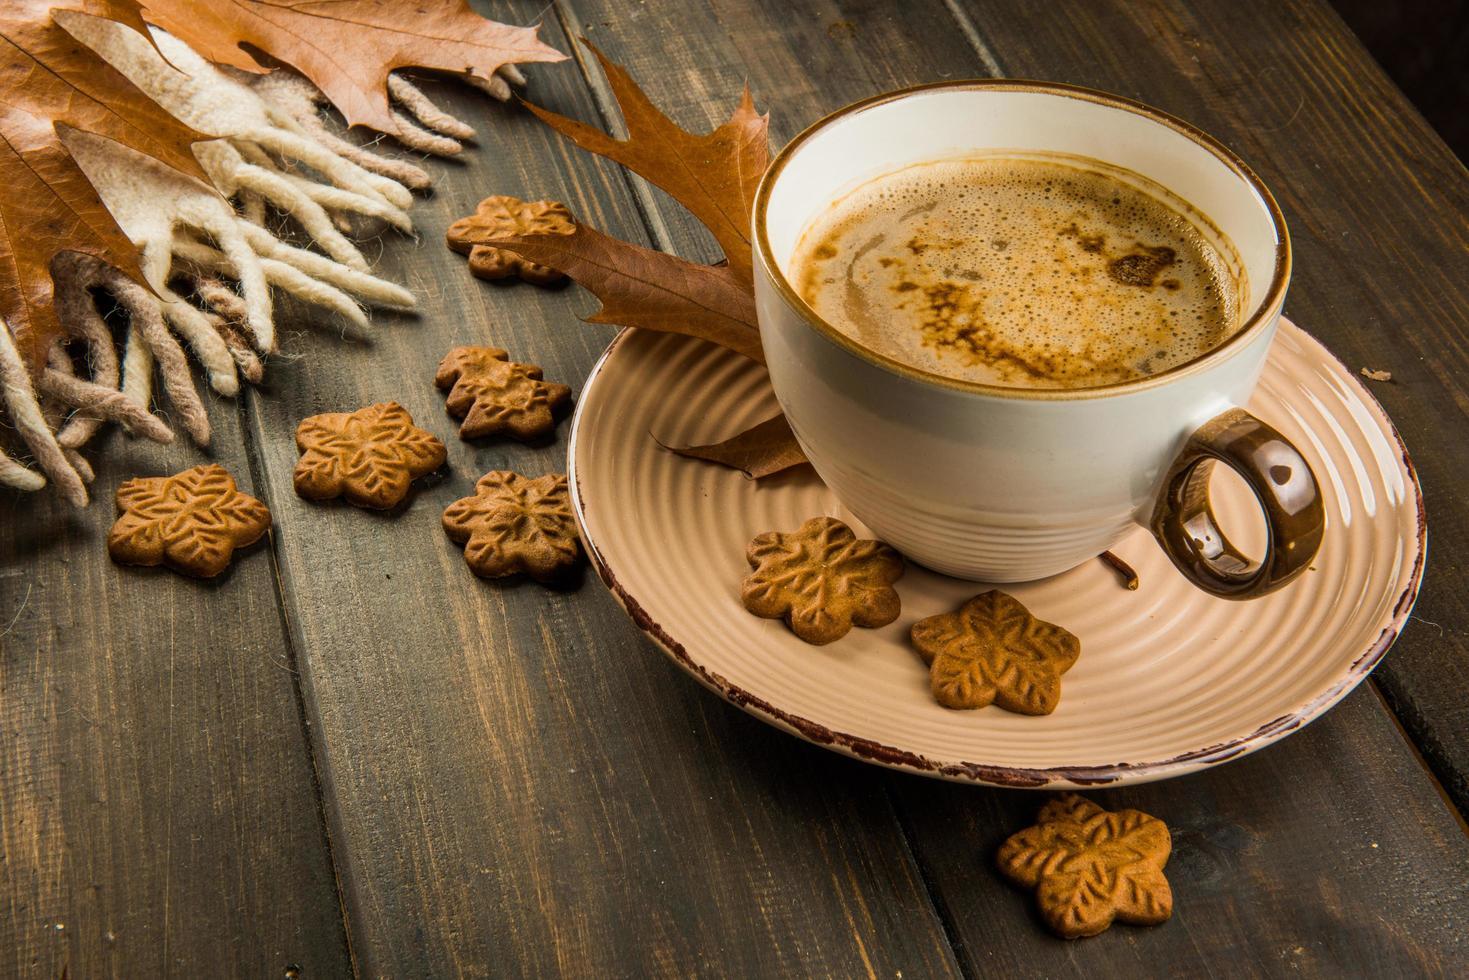 tasse de café chaud avec des biscuits photo